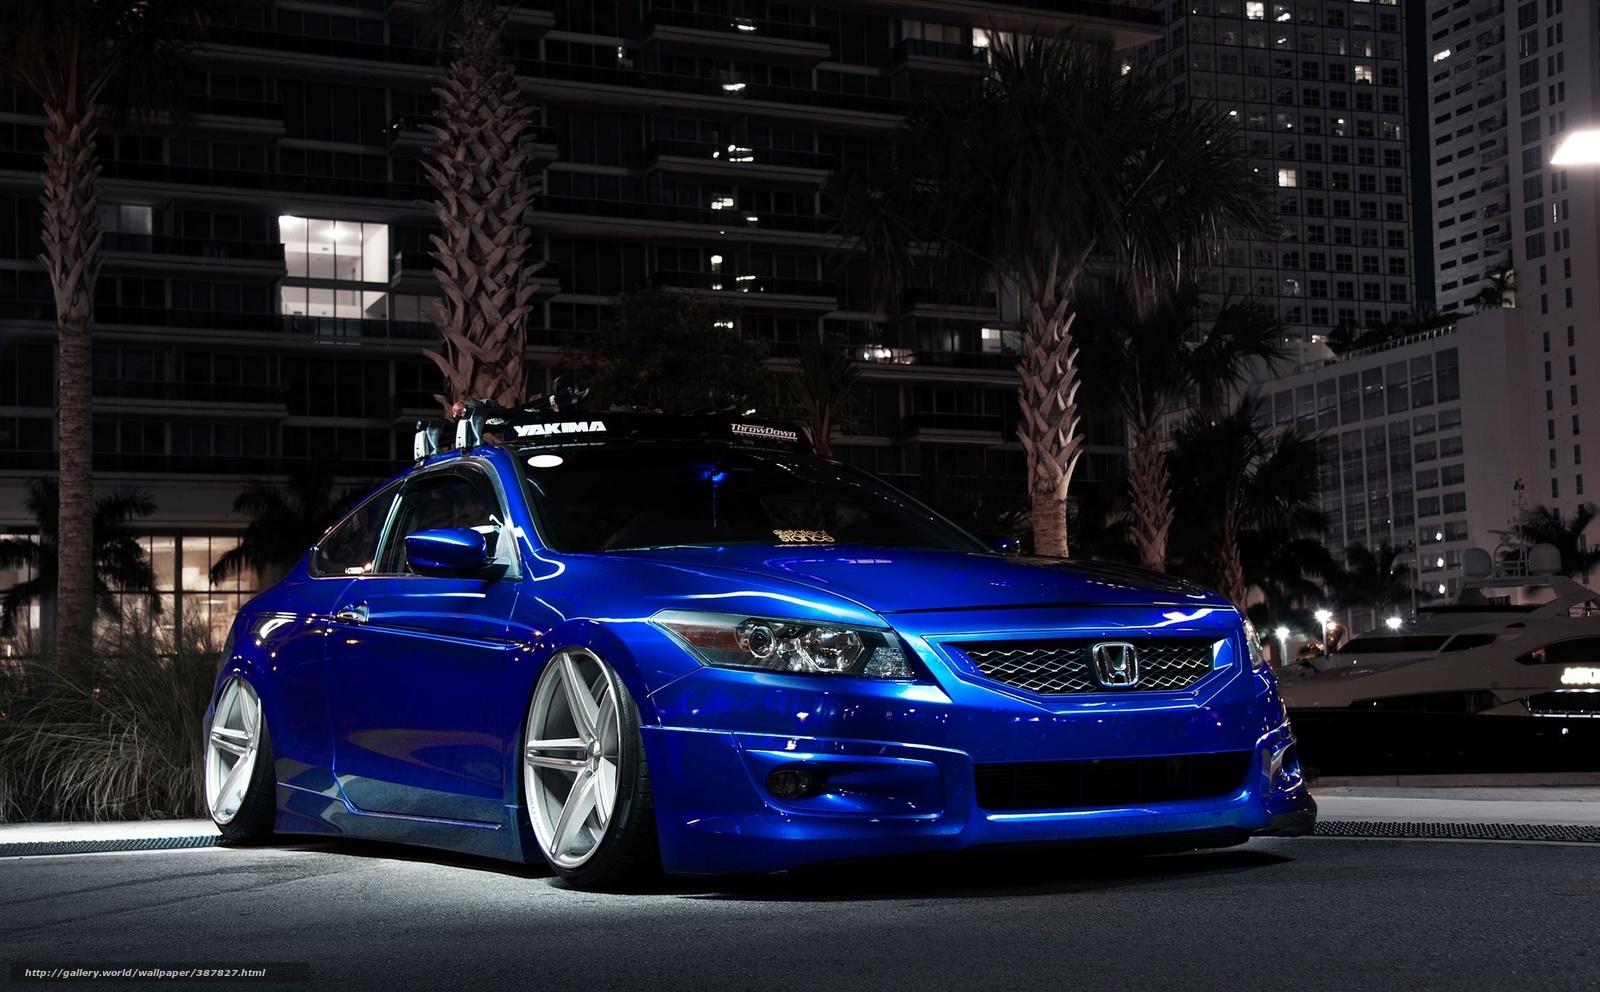 Download Hintergrund Honda, Auto, blau, Autos Freie desktop Tapeten in